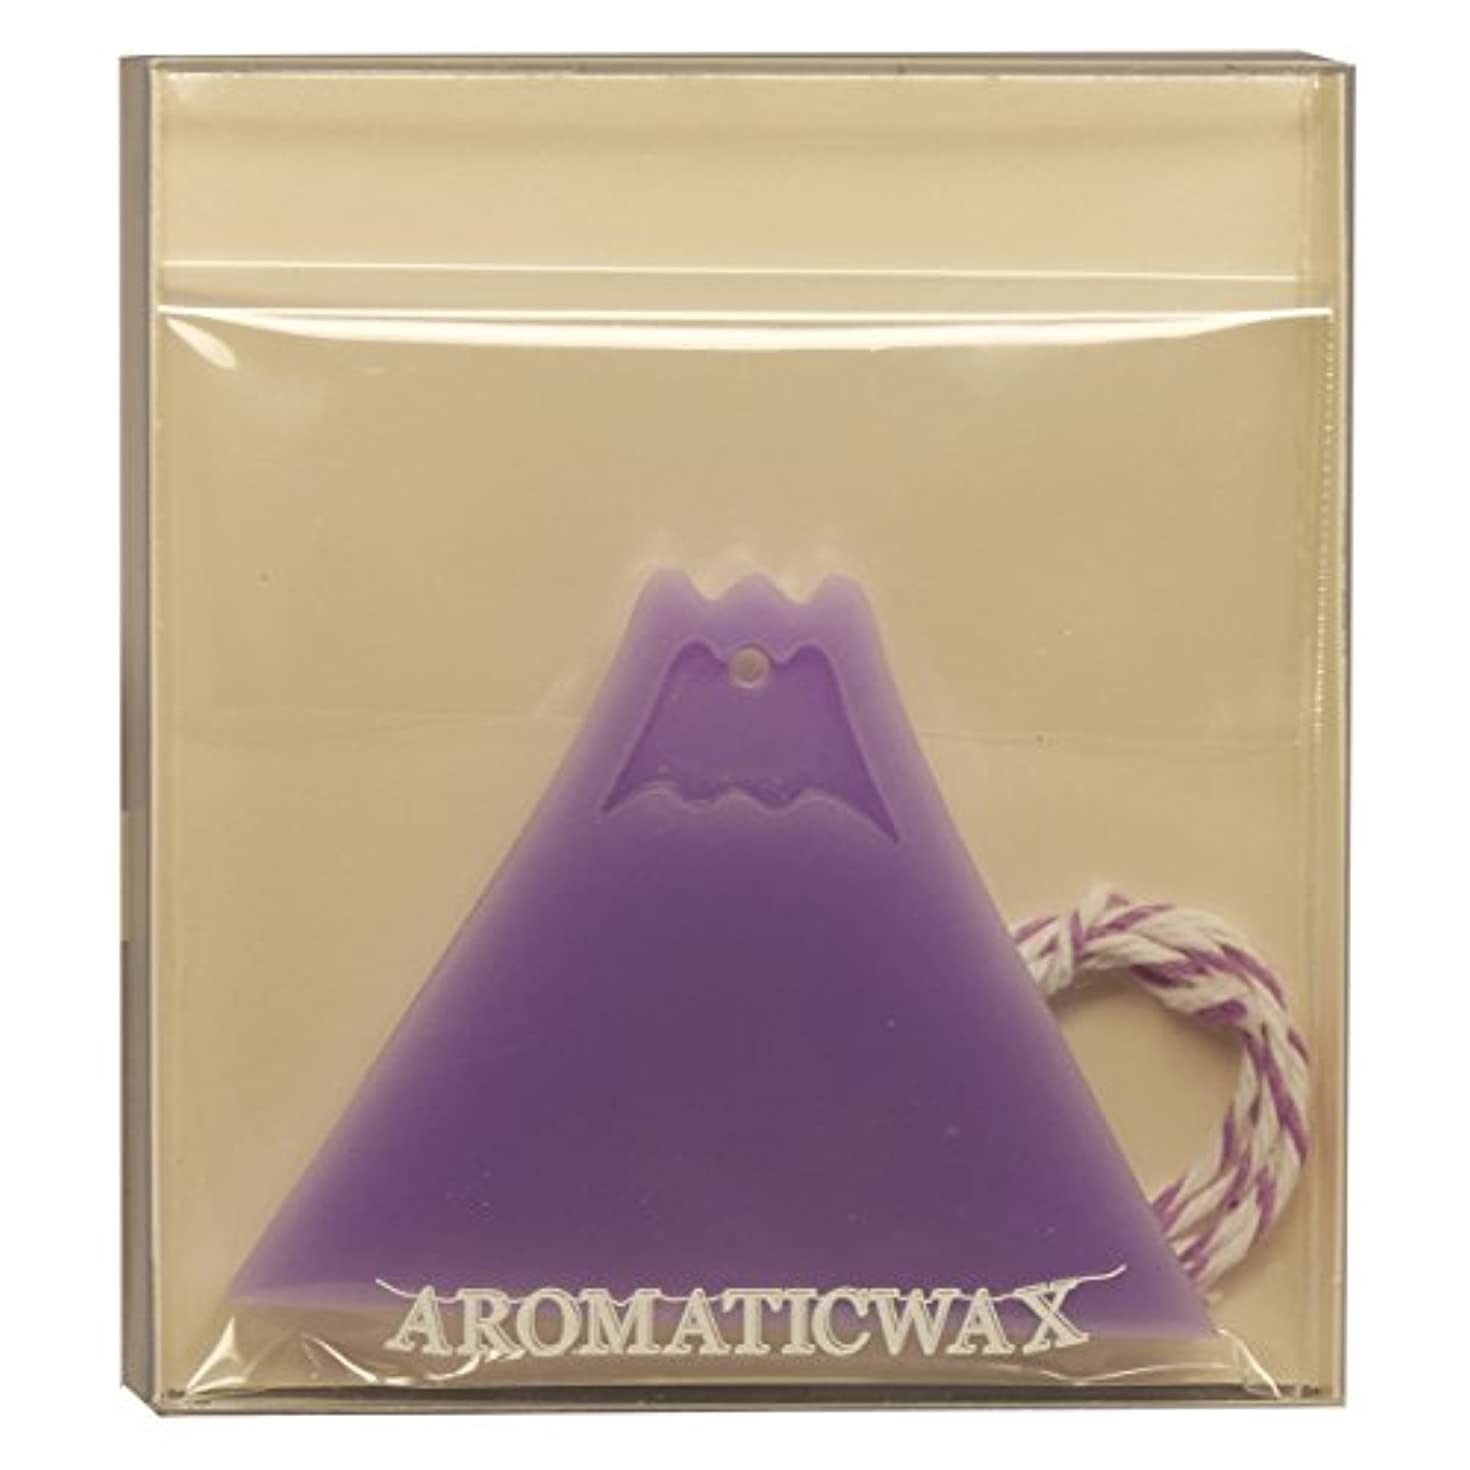 政令回転カバレッジGRASSE TOKYO AROMATICWAXチャーム「富士山」(PU) ラベンダー アロマティックワックス グラーストウキョウ